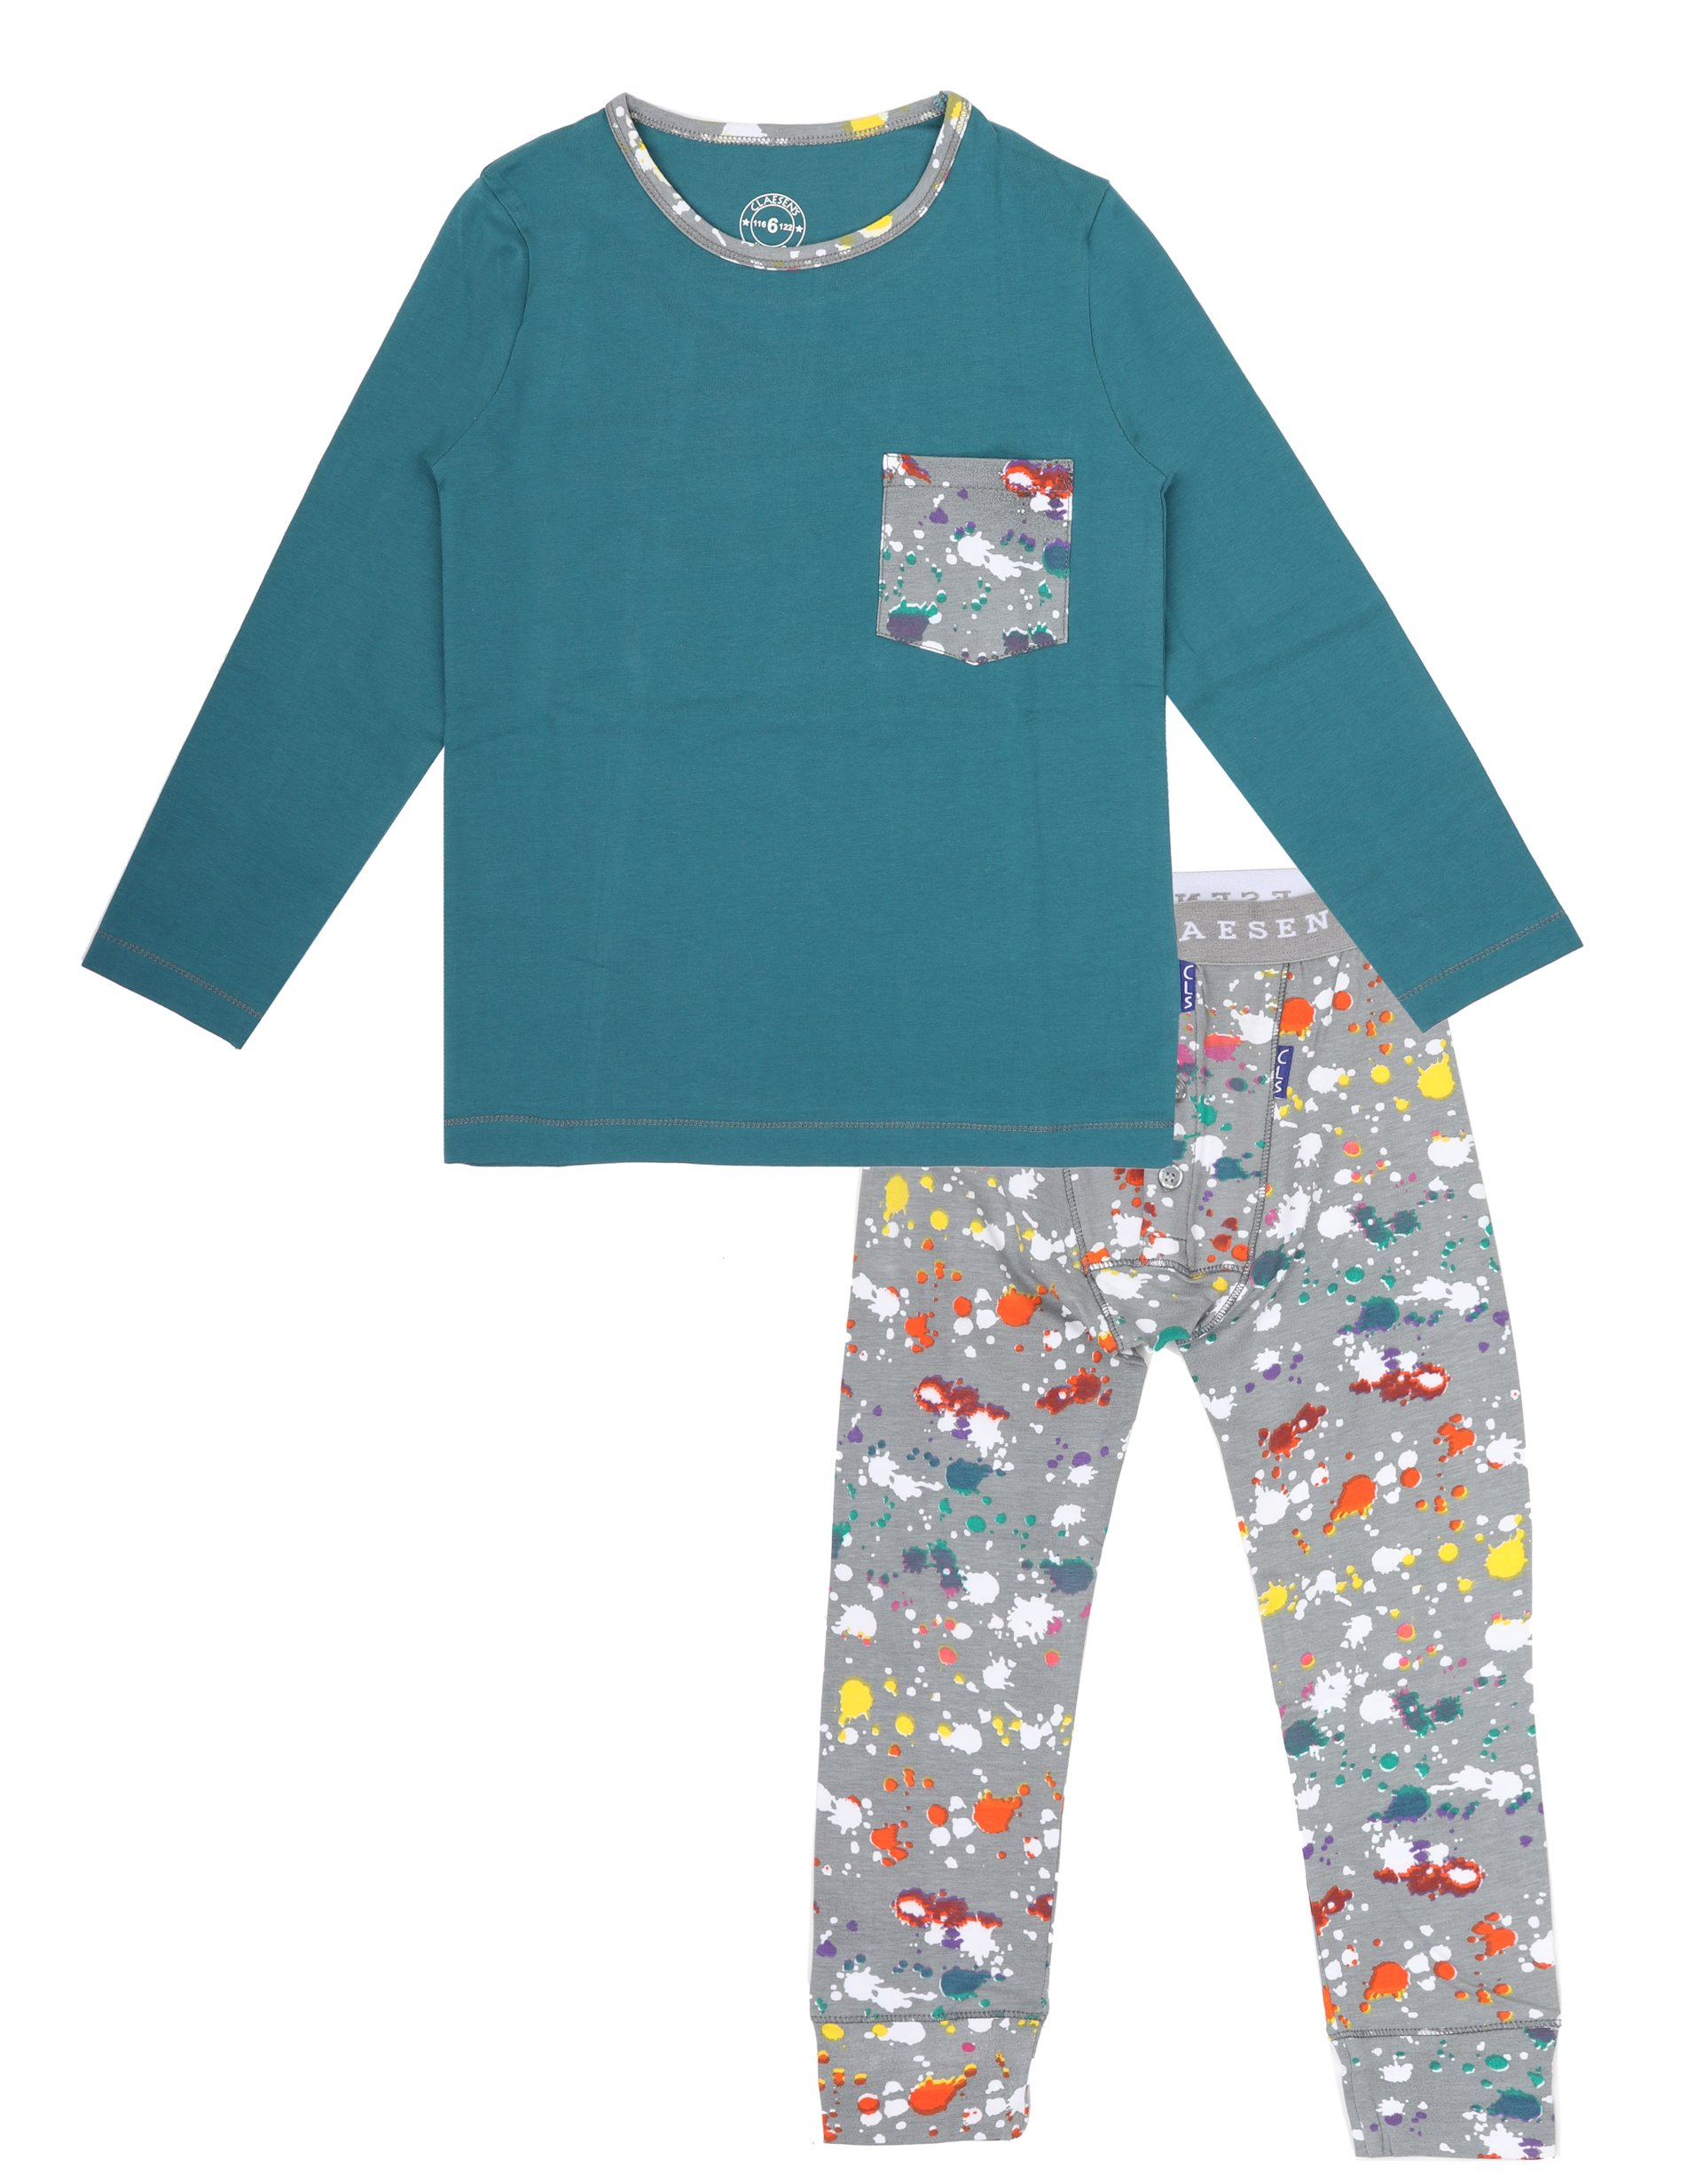 Boys Pyjama Set